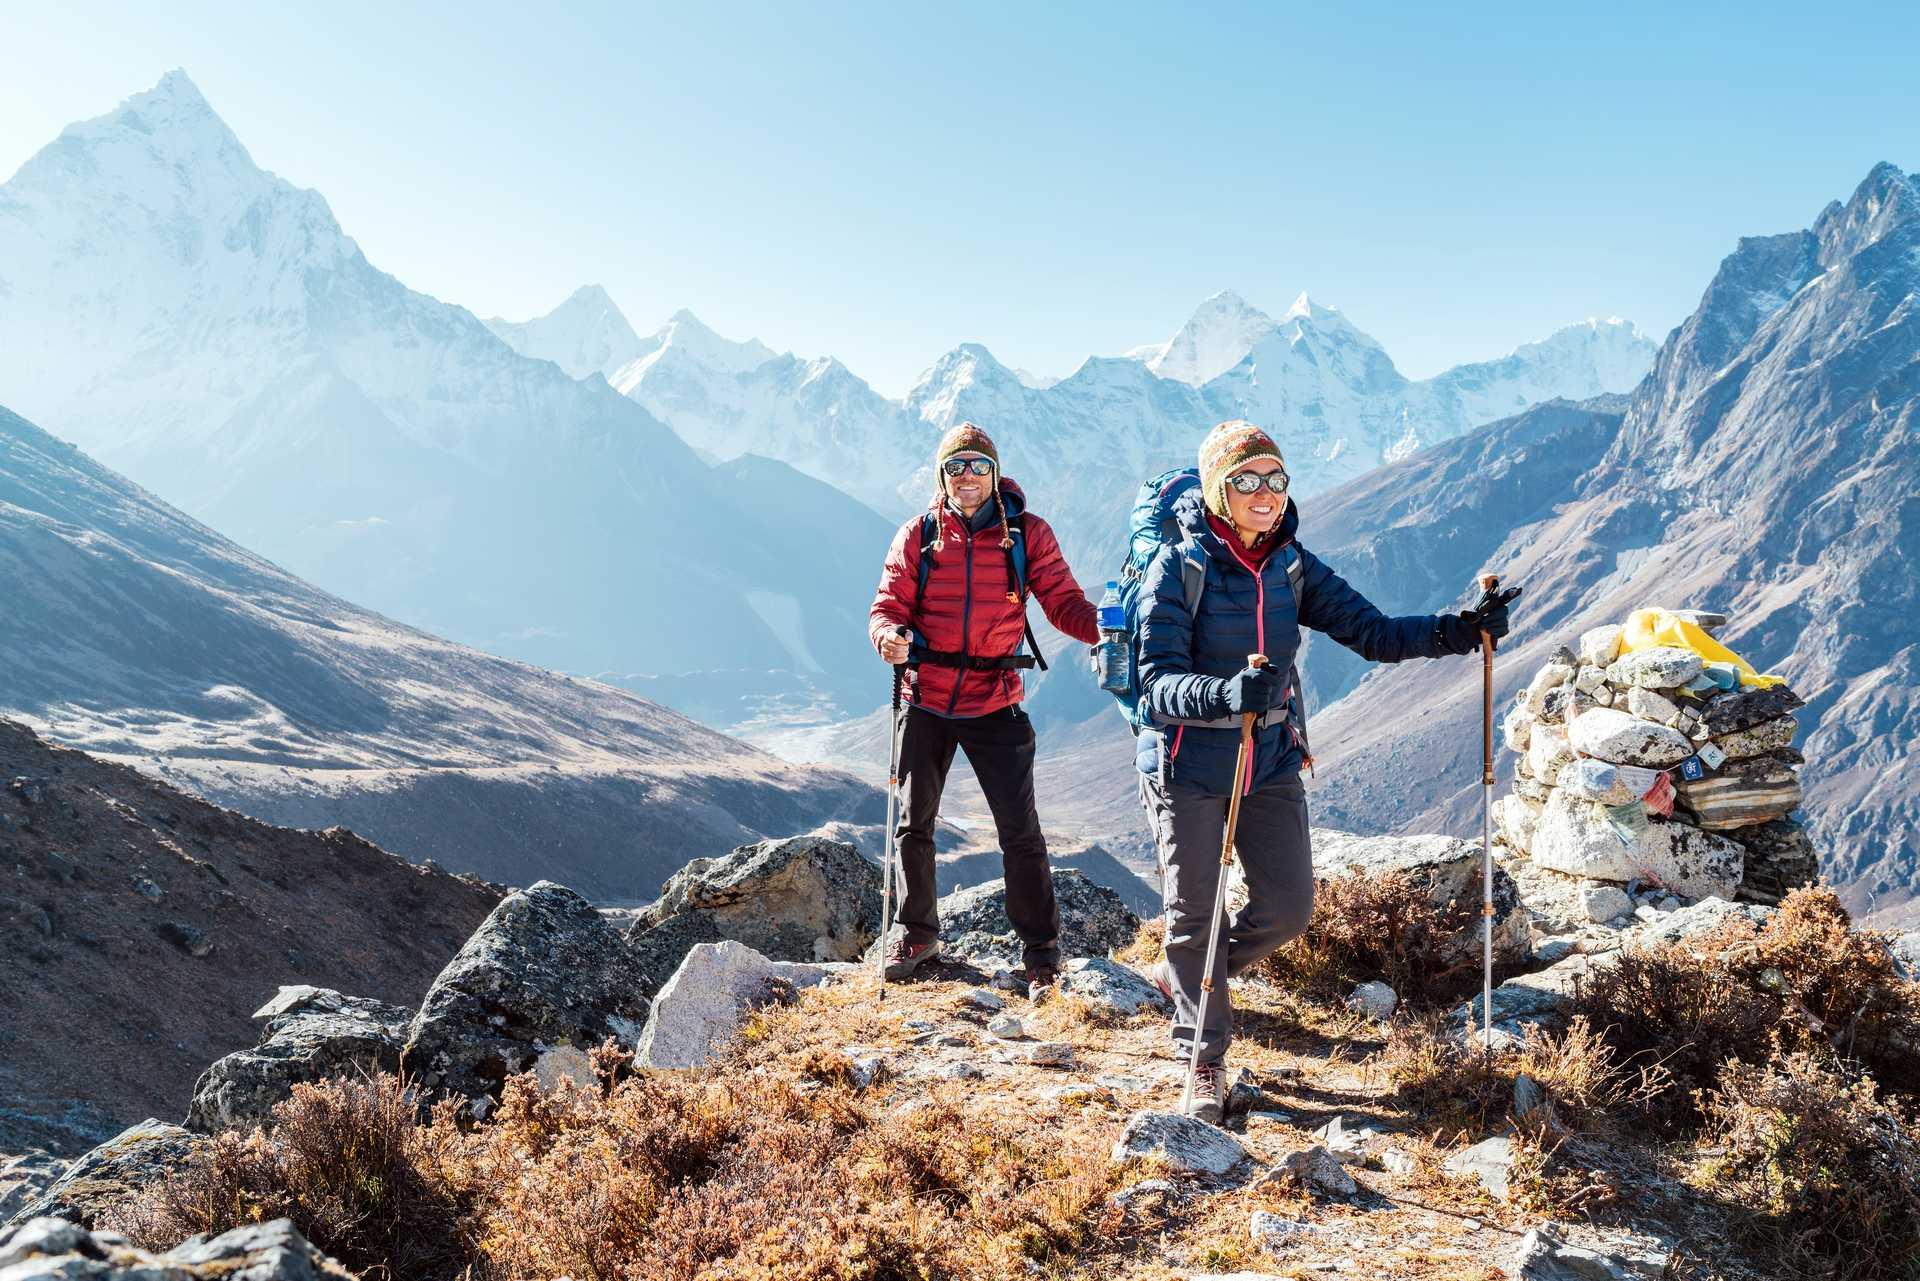 Trekkeurs sur l'itinéraire de camp de base de l'Everest